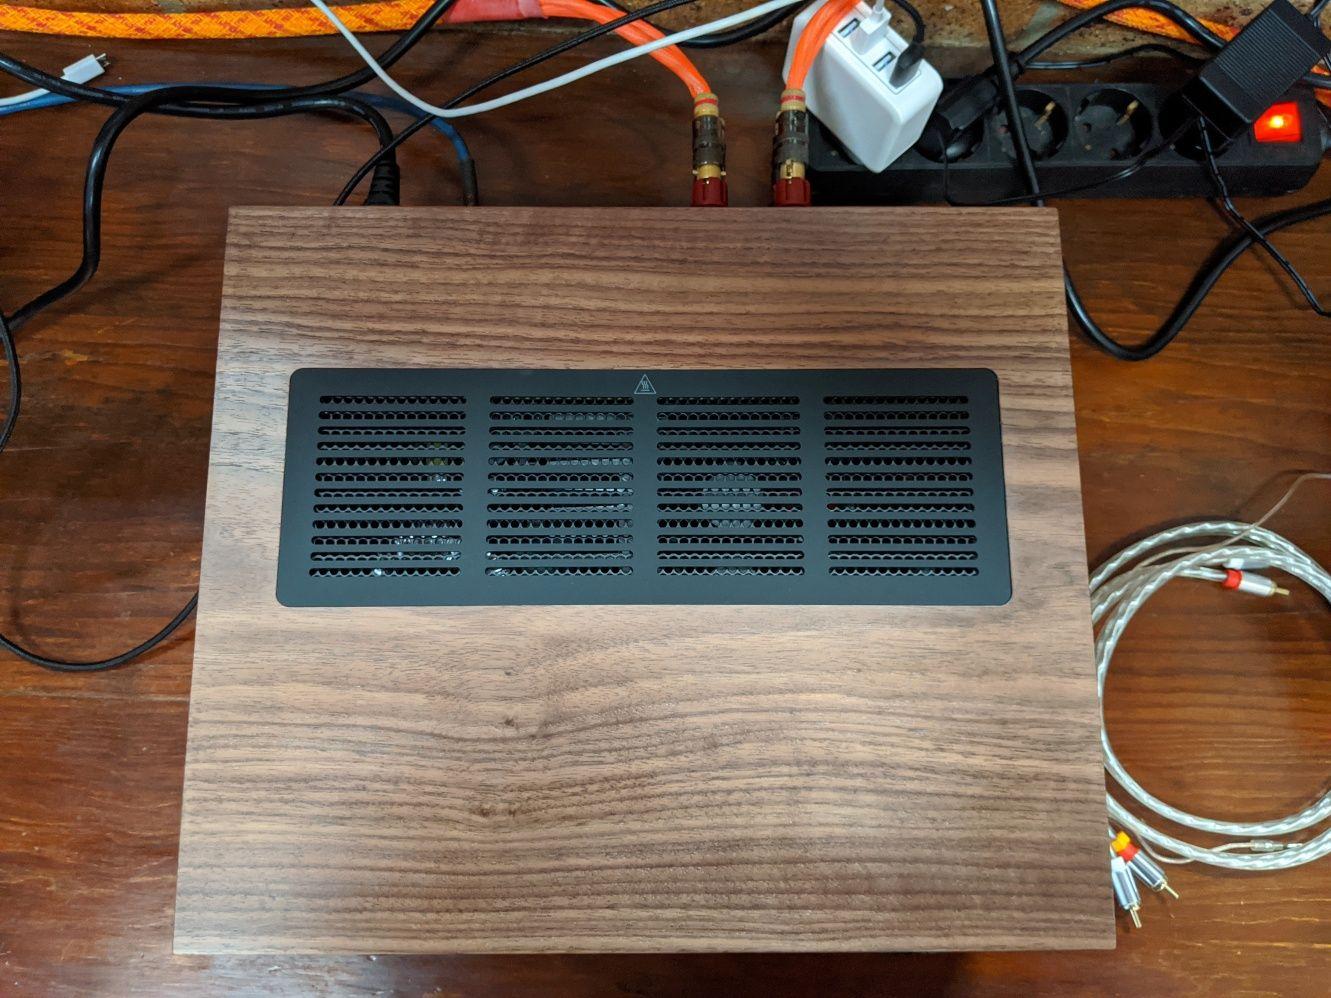 Consejo sobre primer amplificador integrado YXC27G